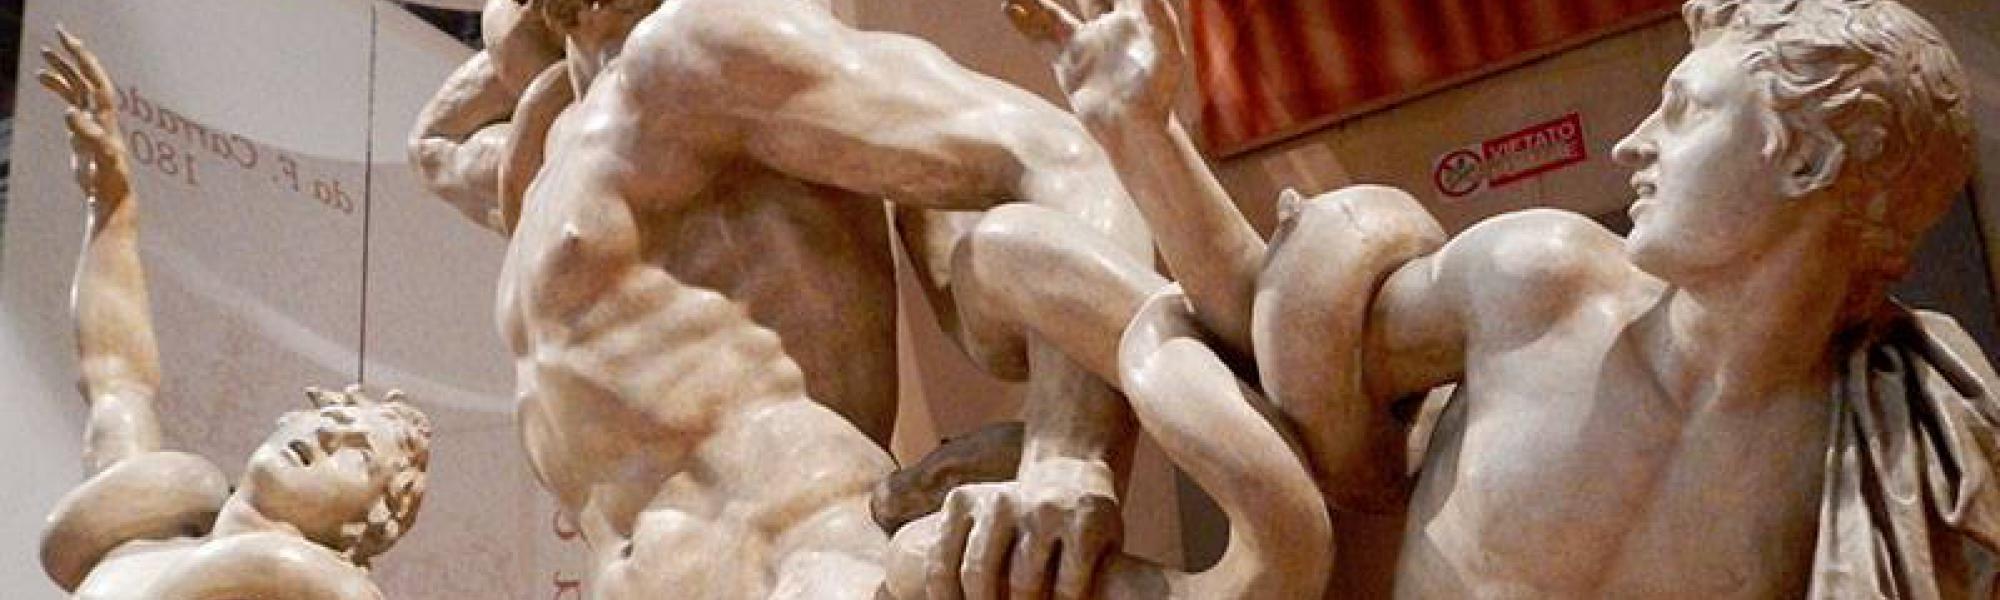 Gipsoteca di Arte antica